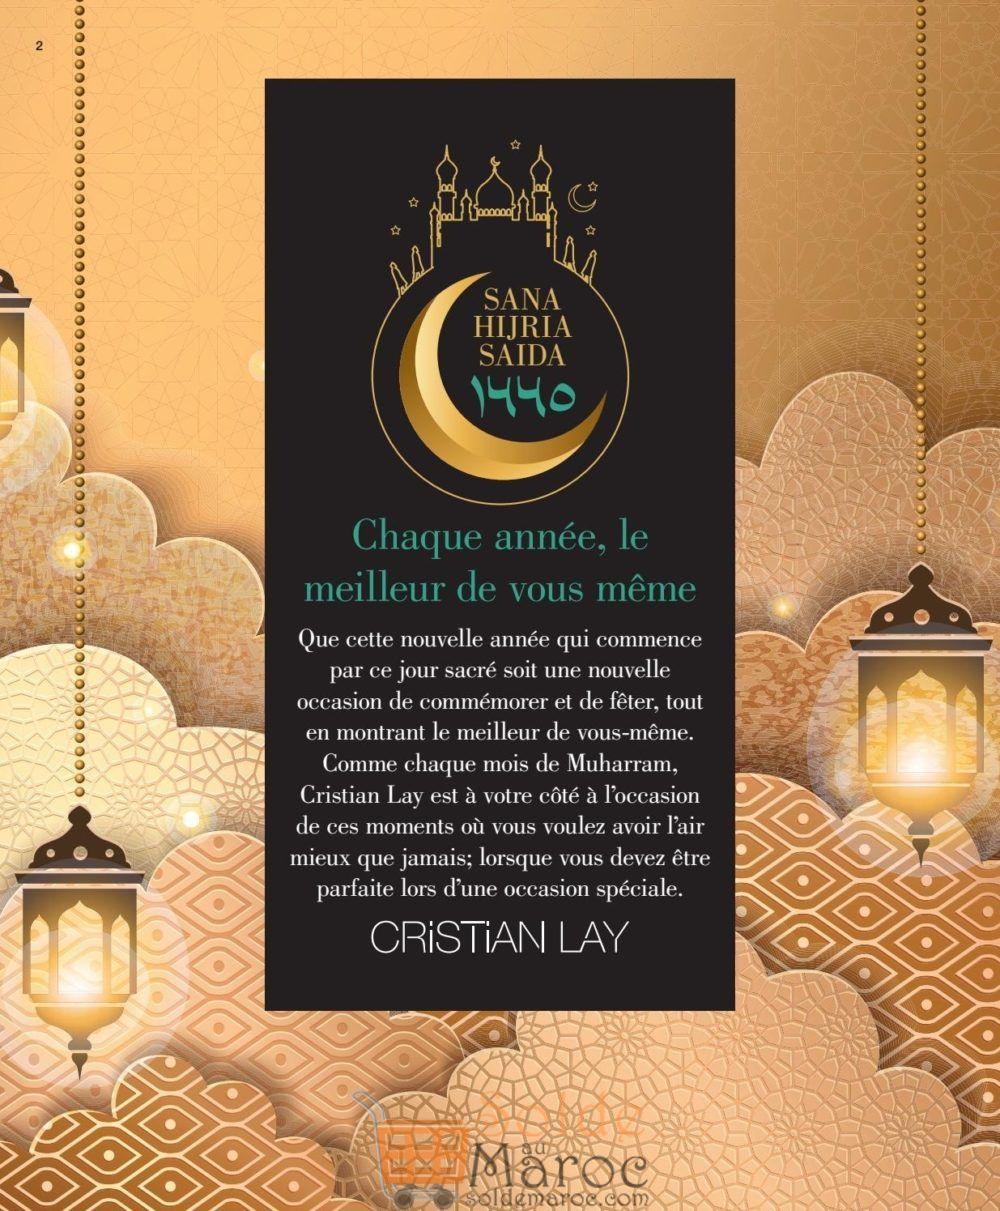 Catalogue Cristian Lay Maroc du 17 Septembre au 11 Octobre 2018